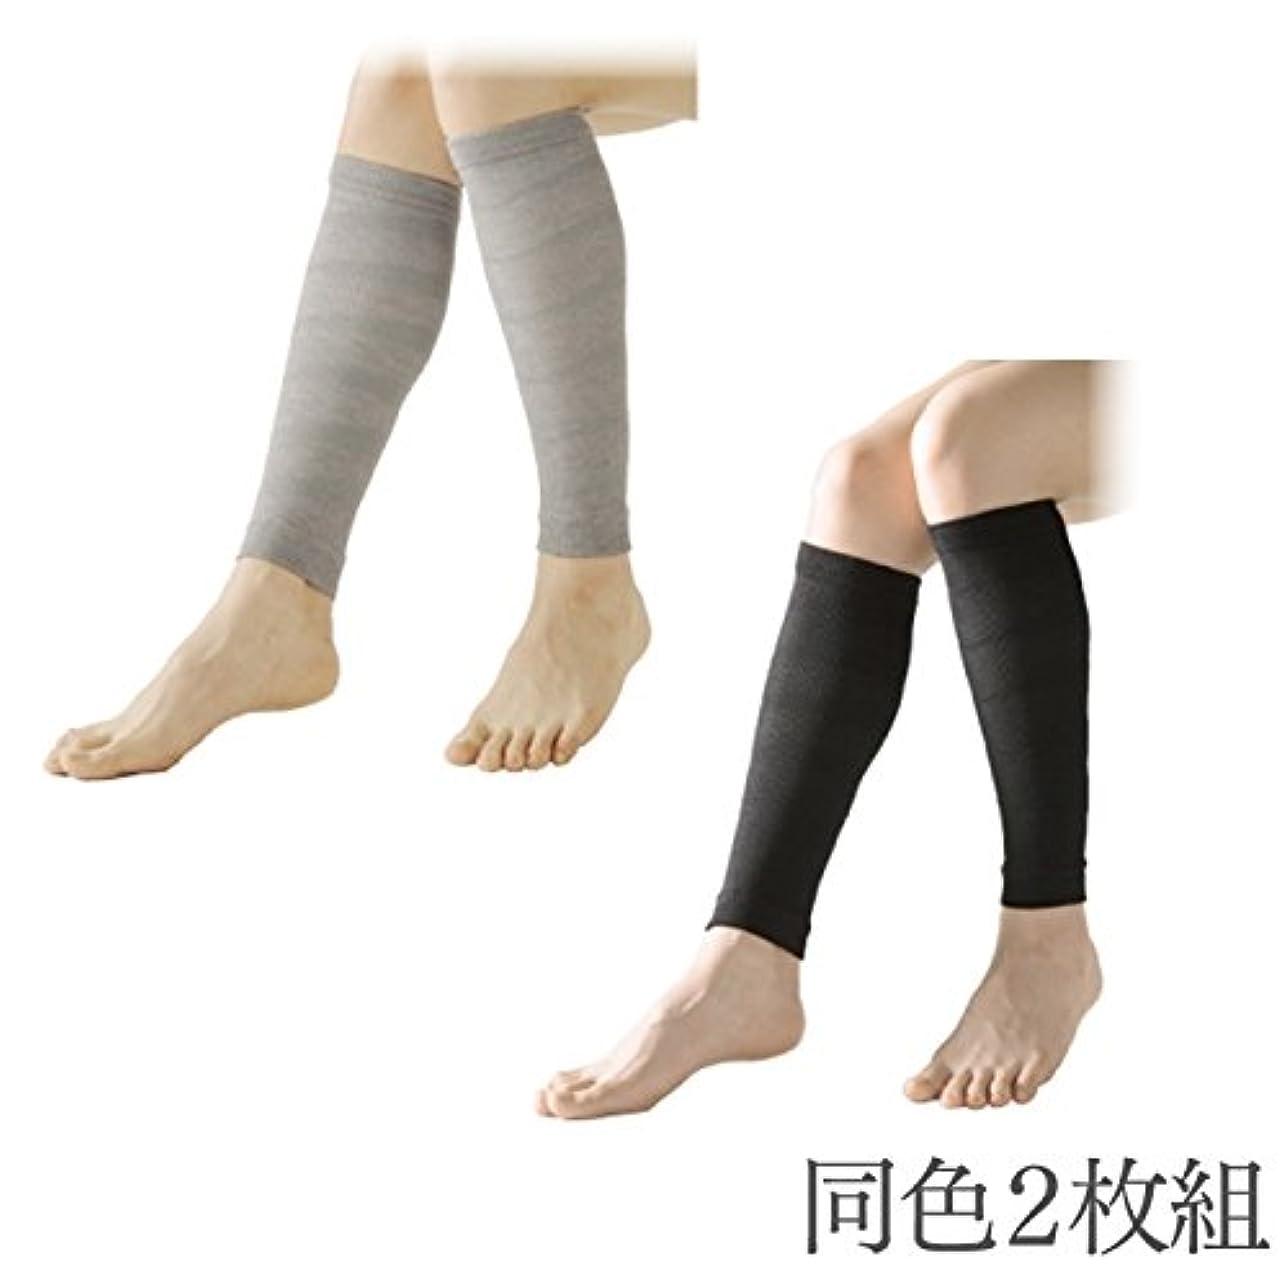 孤独なありがたい長くする着圧ソックス 足のむくみ 靴下 むくみ解消 着圧ふくらはぎサポーター 2枚組(ブラック)